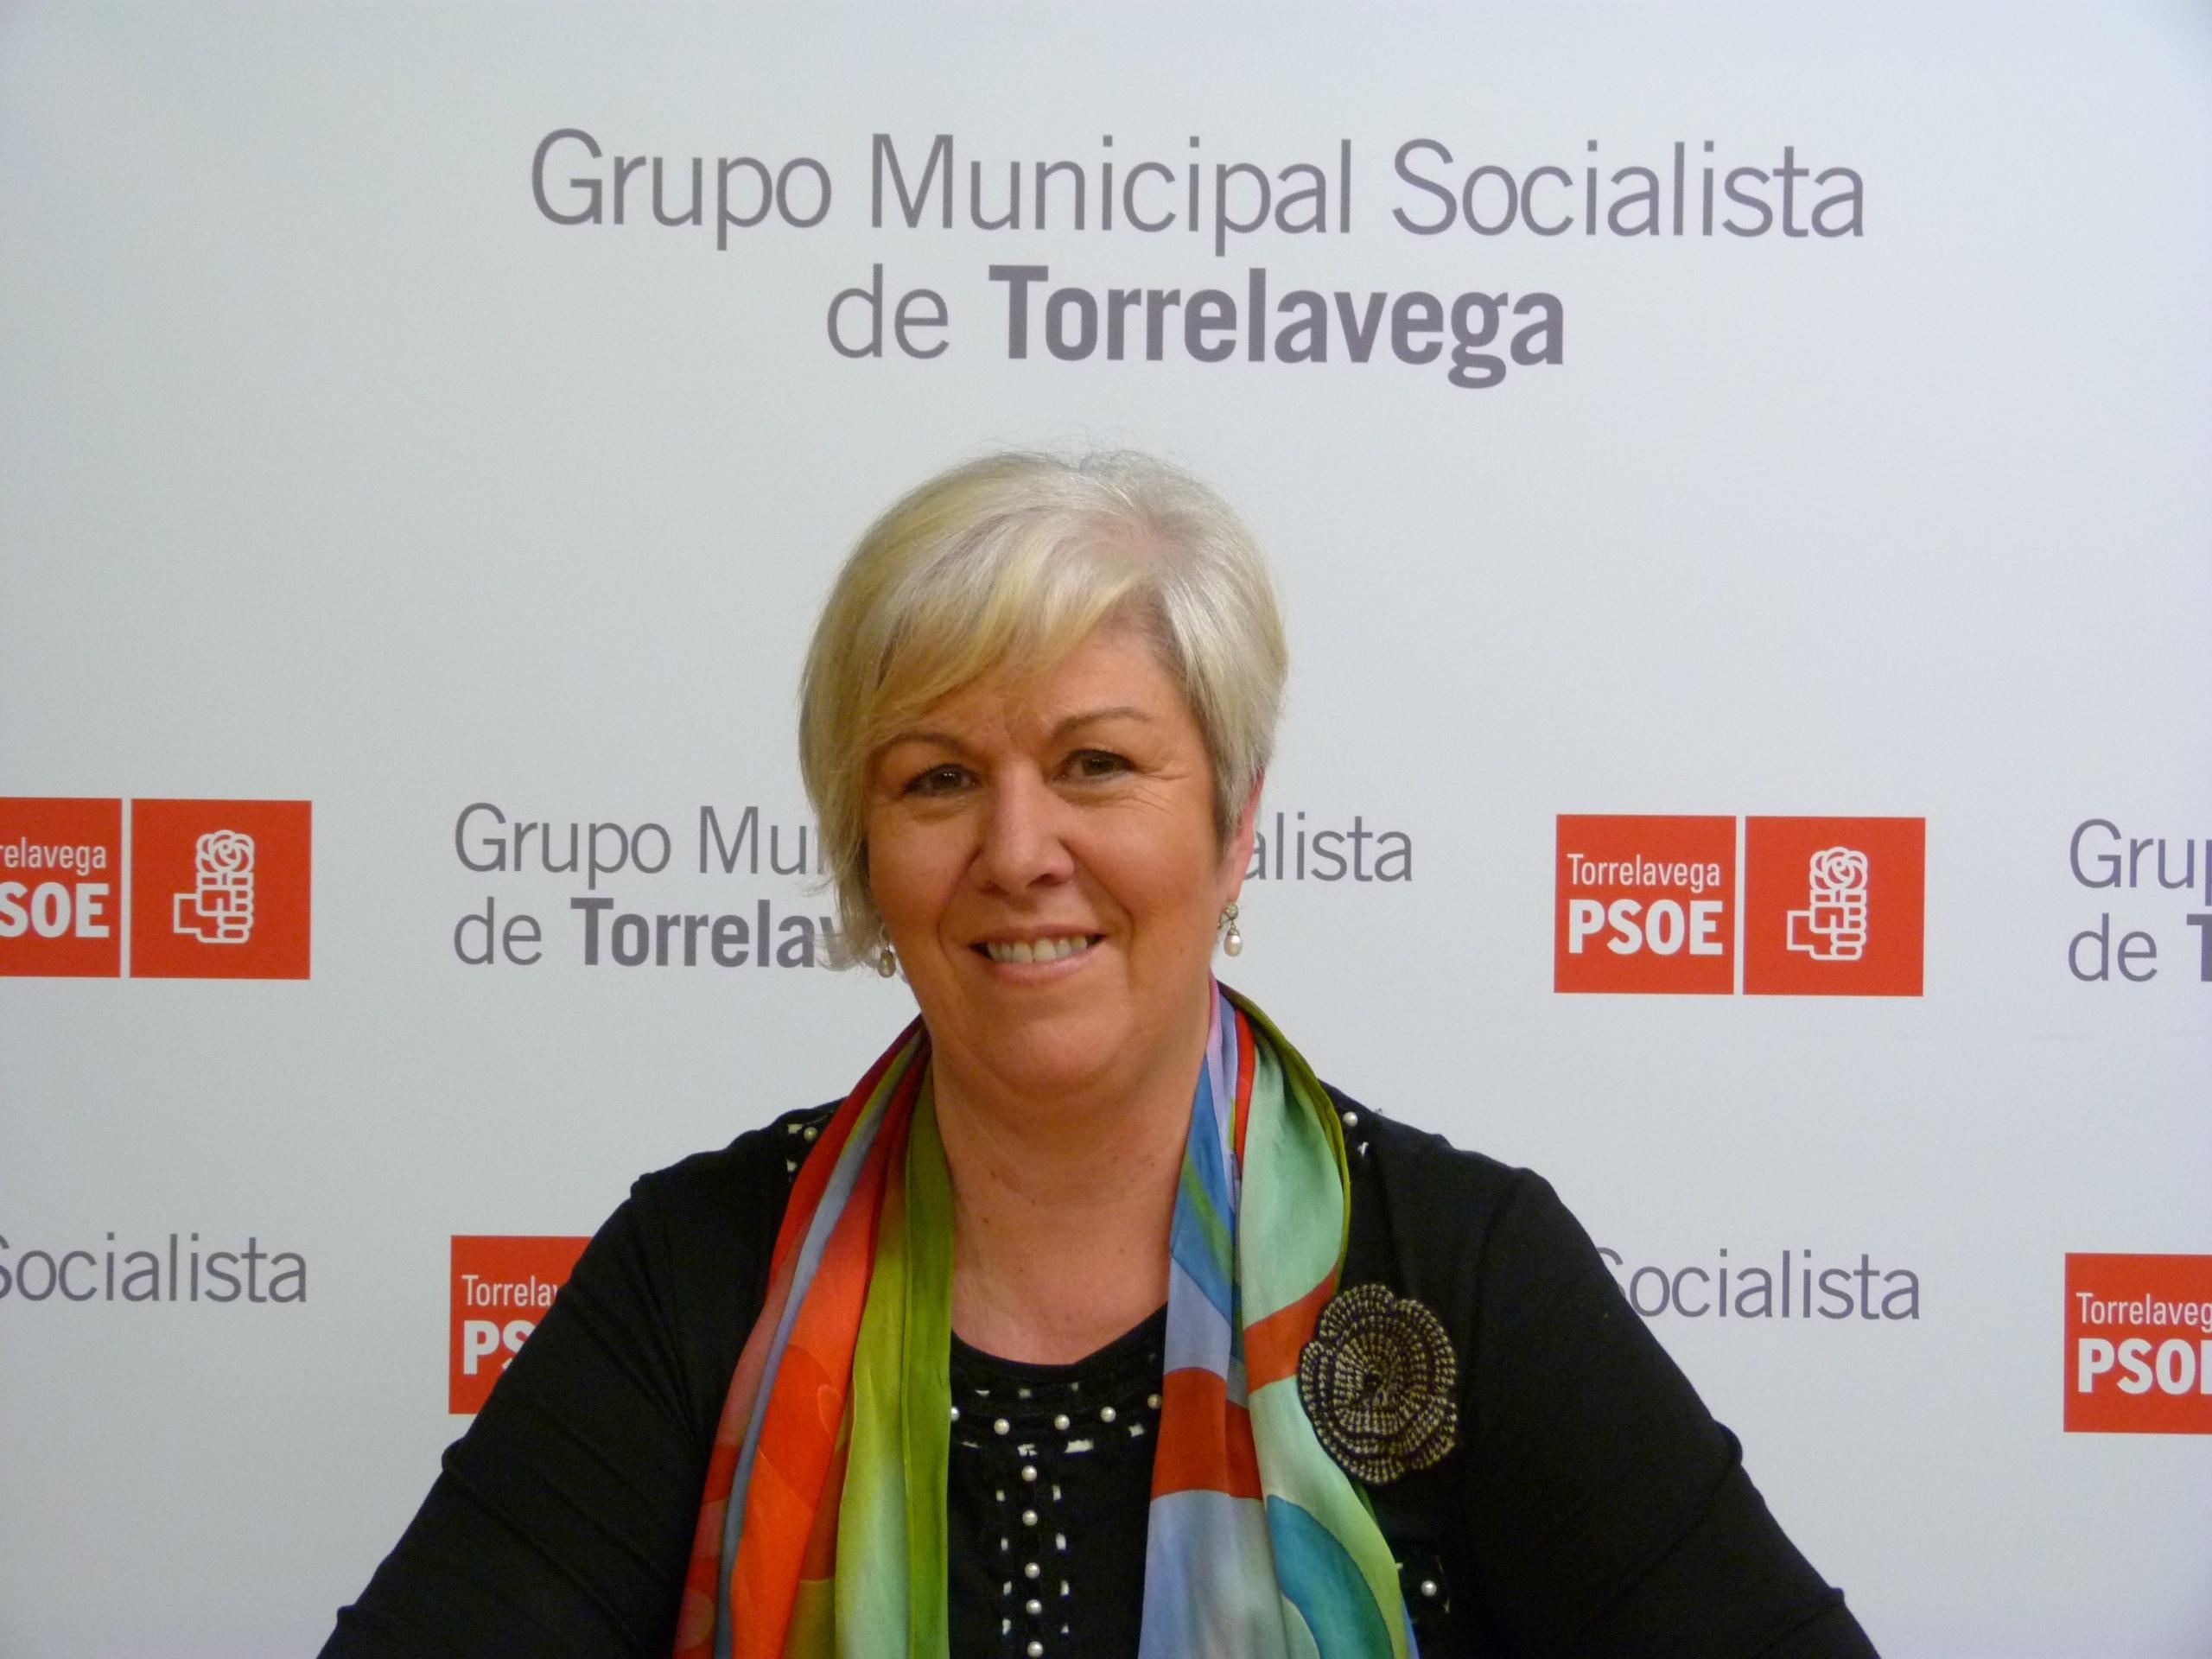 PSOE urge a PP a agilizar una «rápida adjudicación» para finalizar la nueva redacción del PGOU